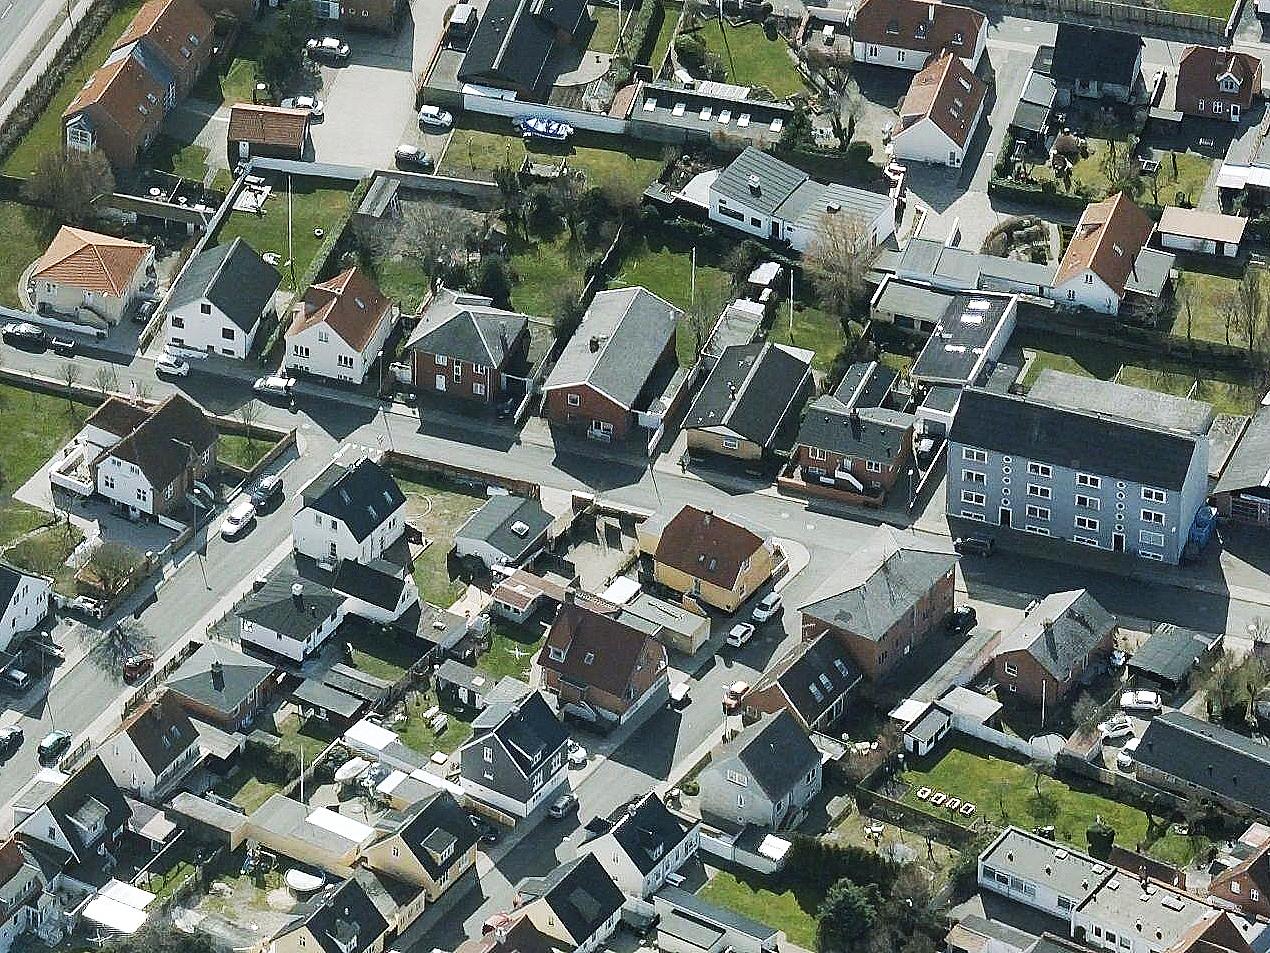 Se kortet: Find den nordjyske kommune du har råd til at købe hus i